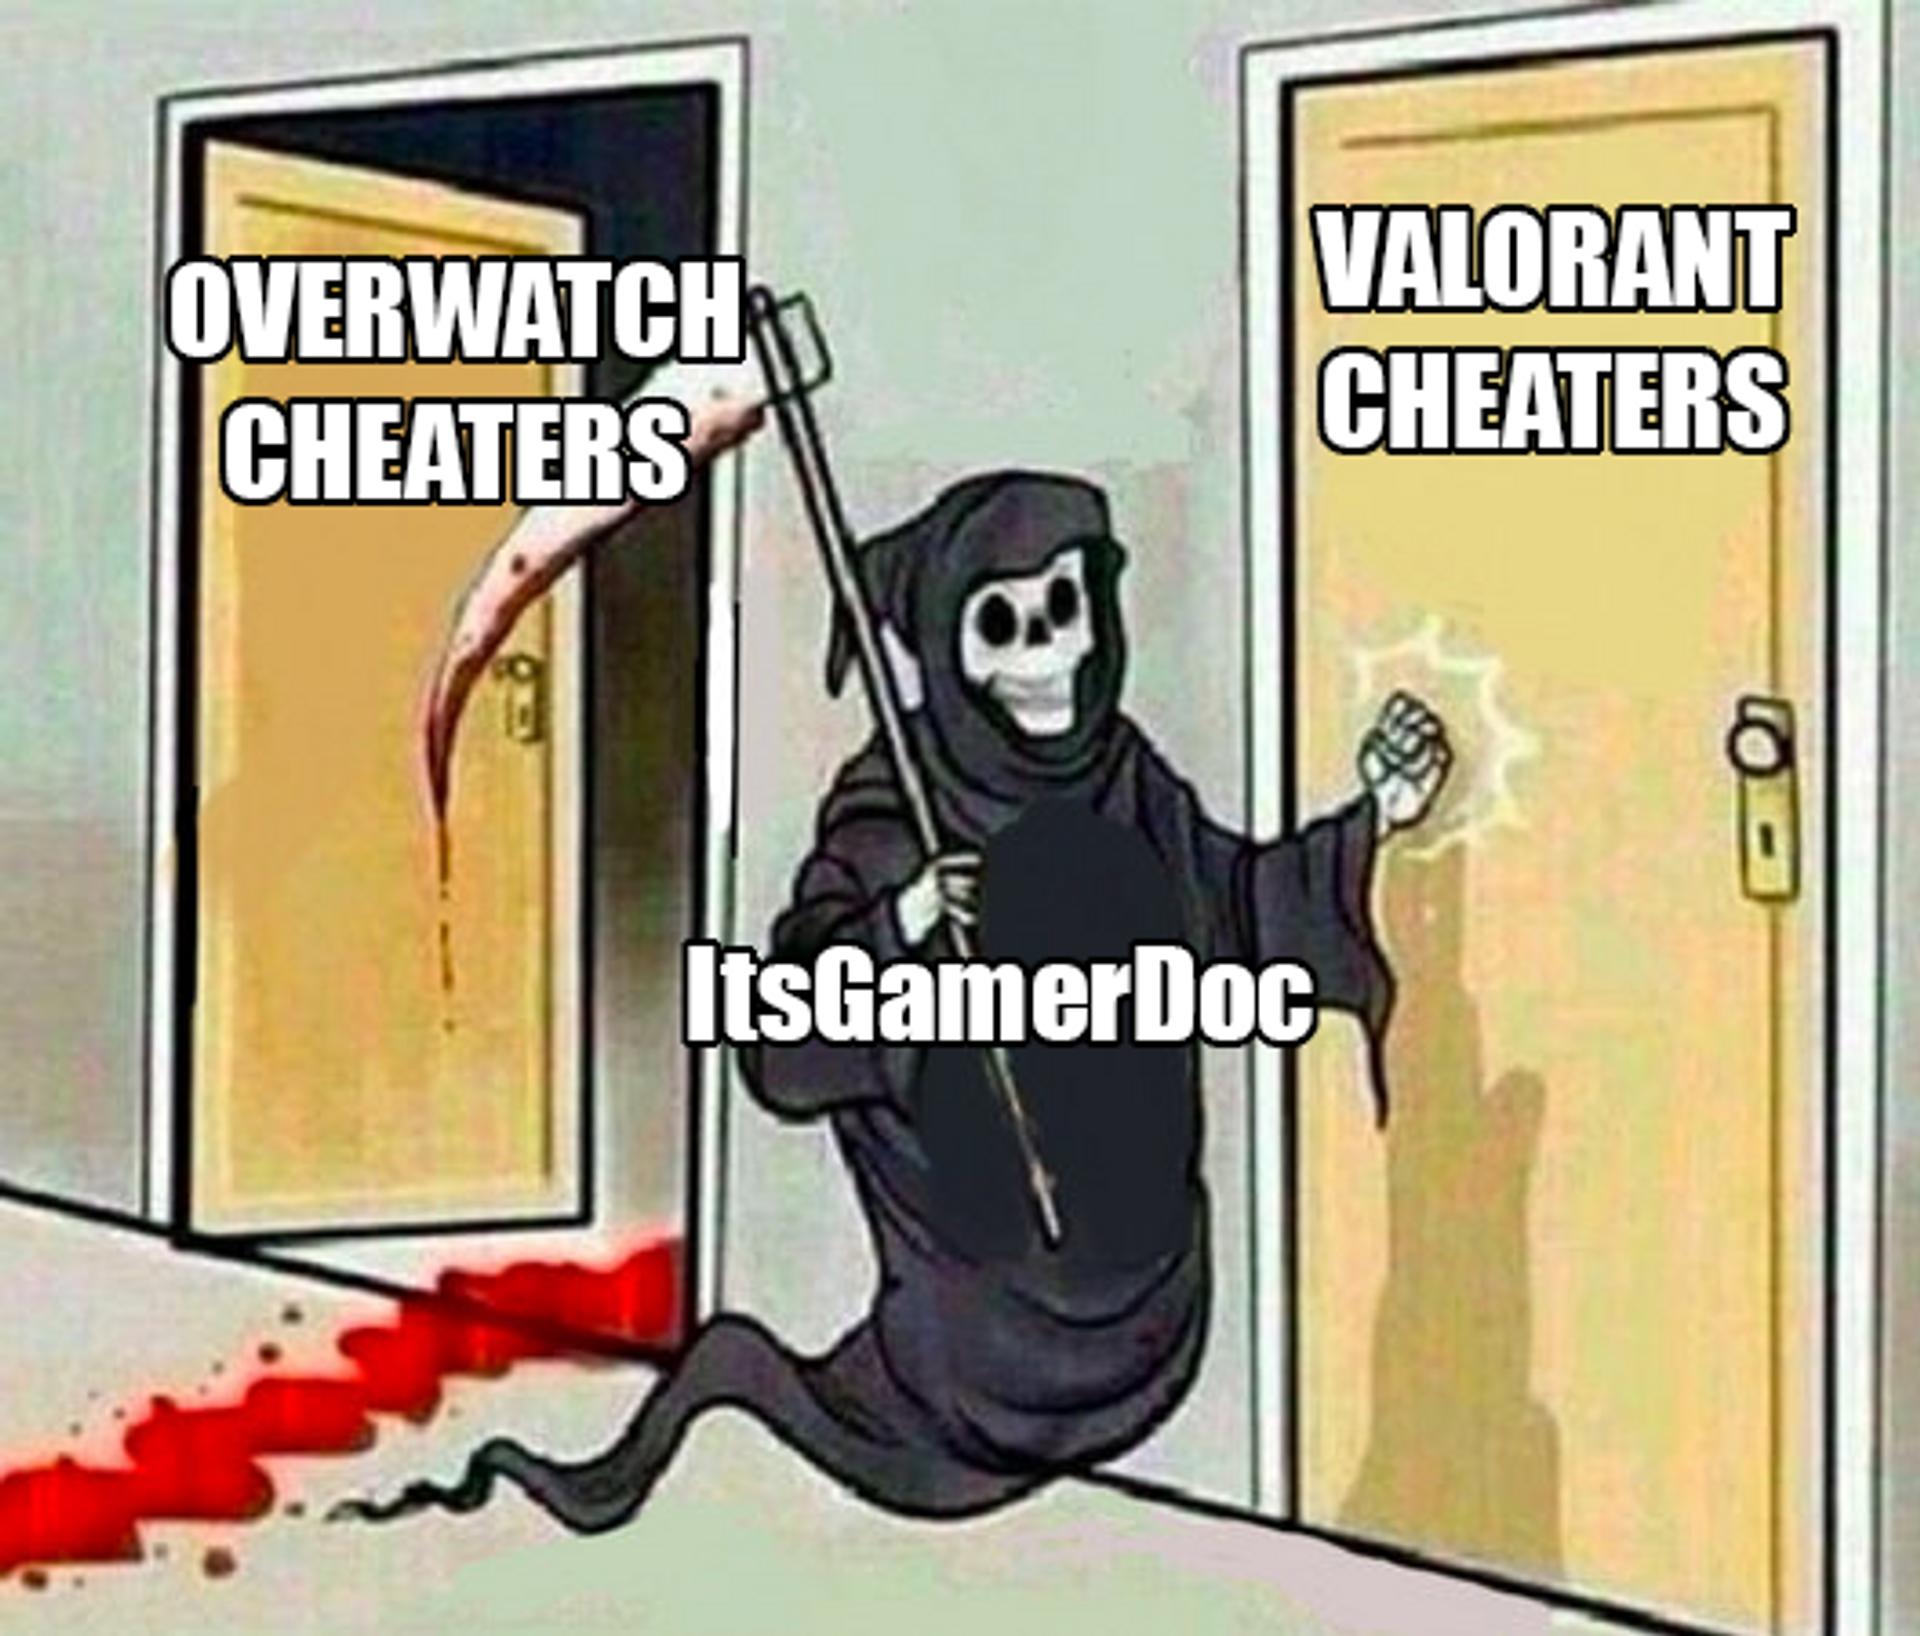 gamerdoc-meme.png